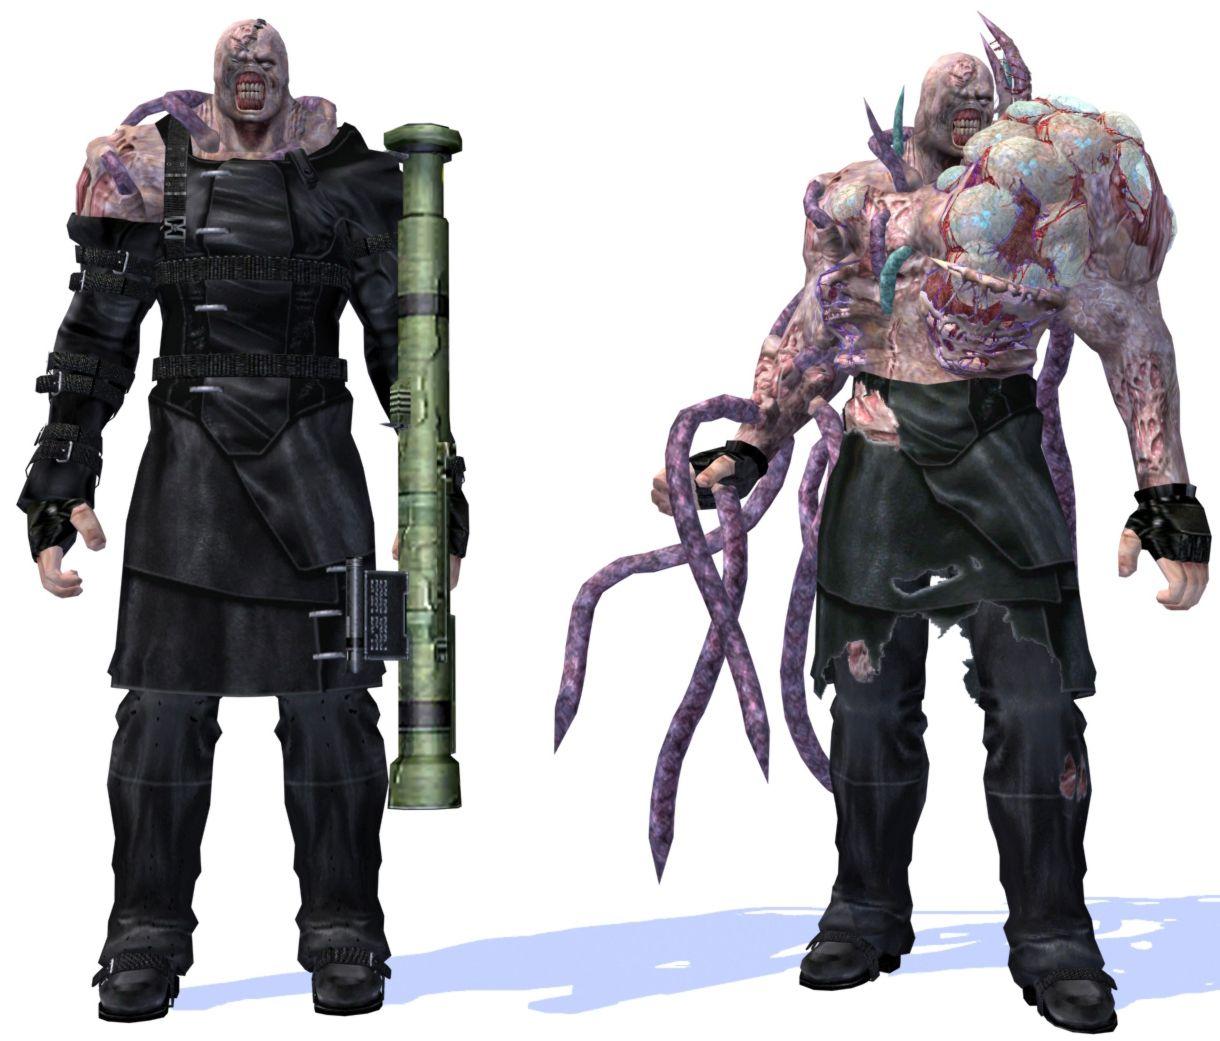 resident evil nemesis - Google Search | Resident Evil/Biohazard ...